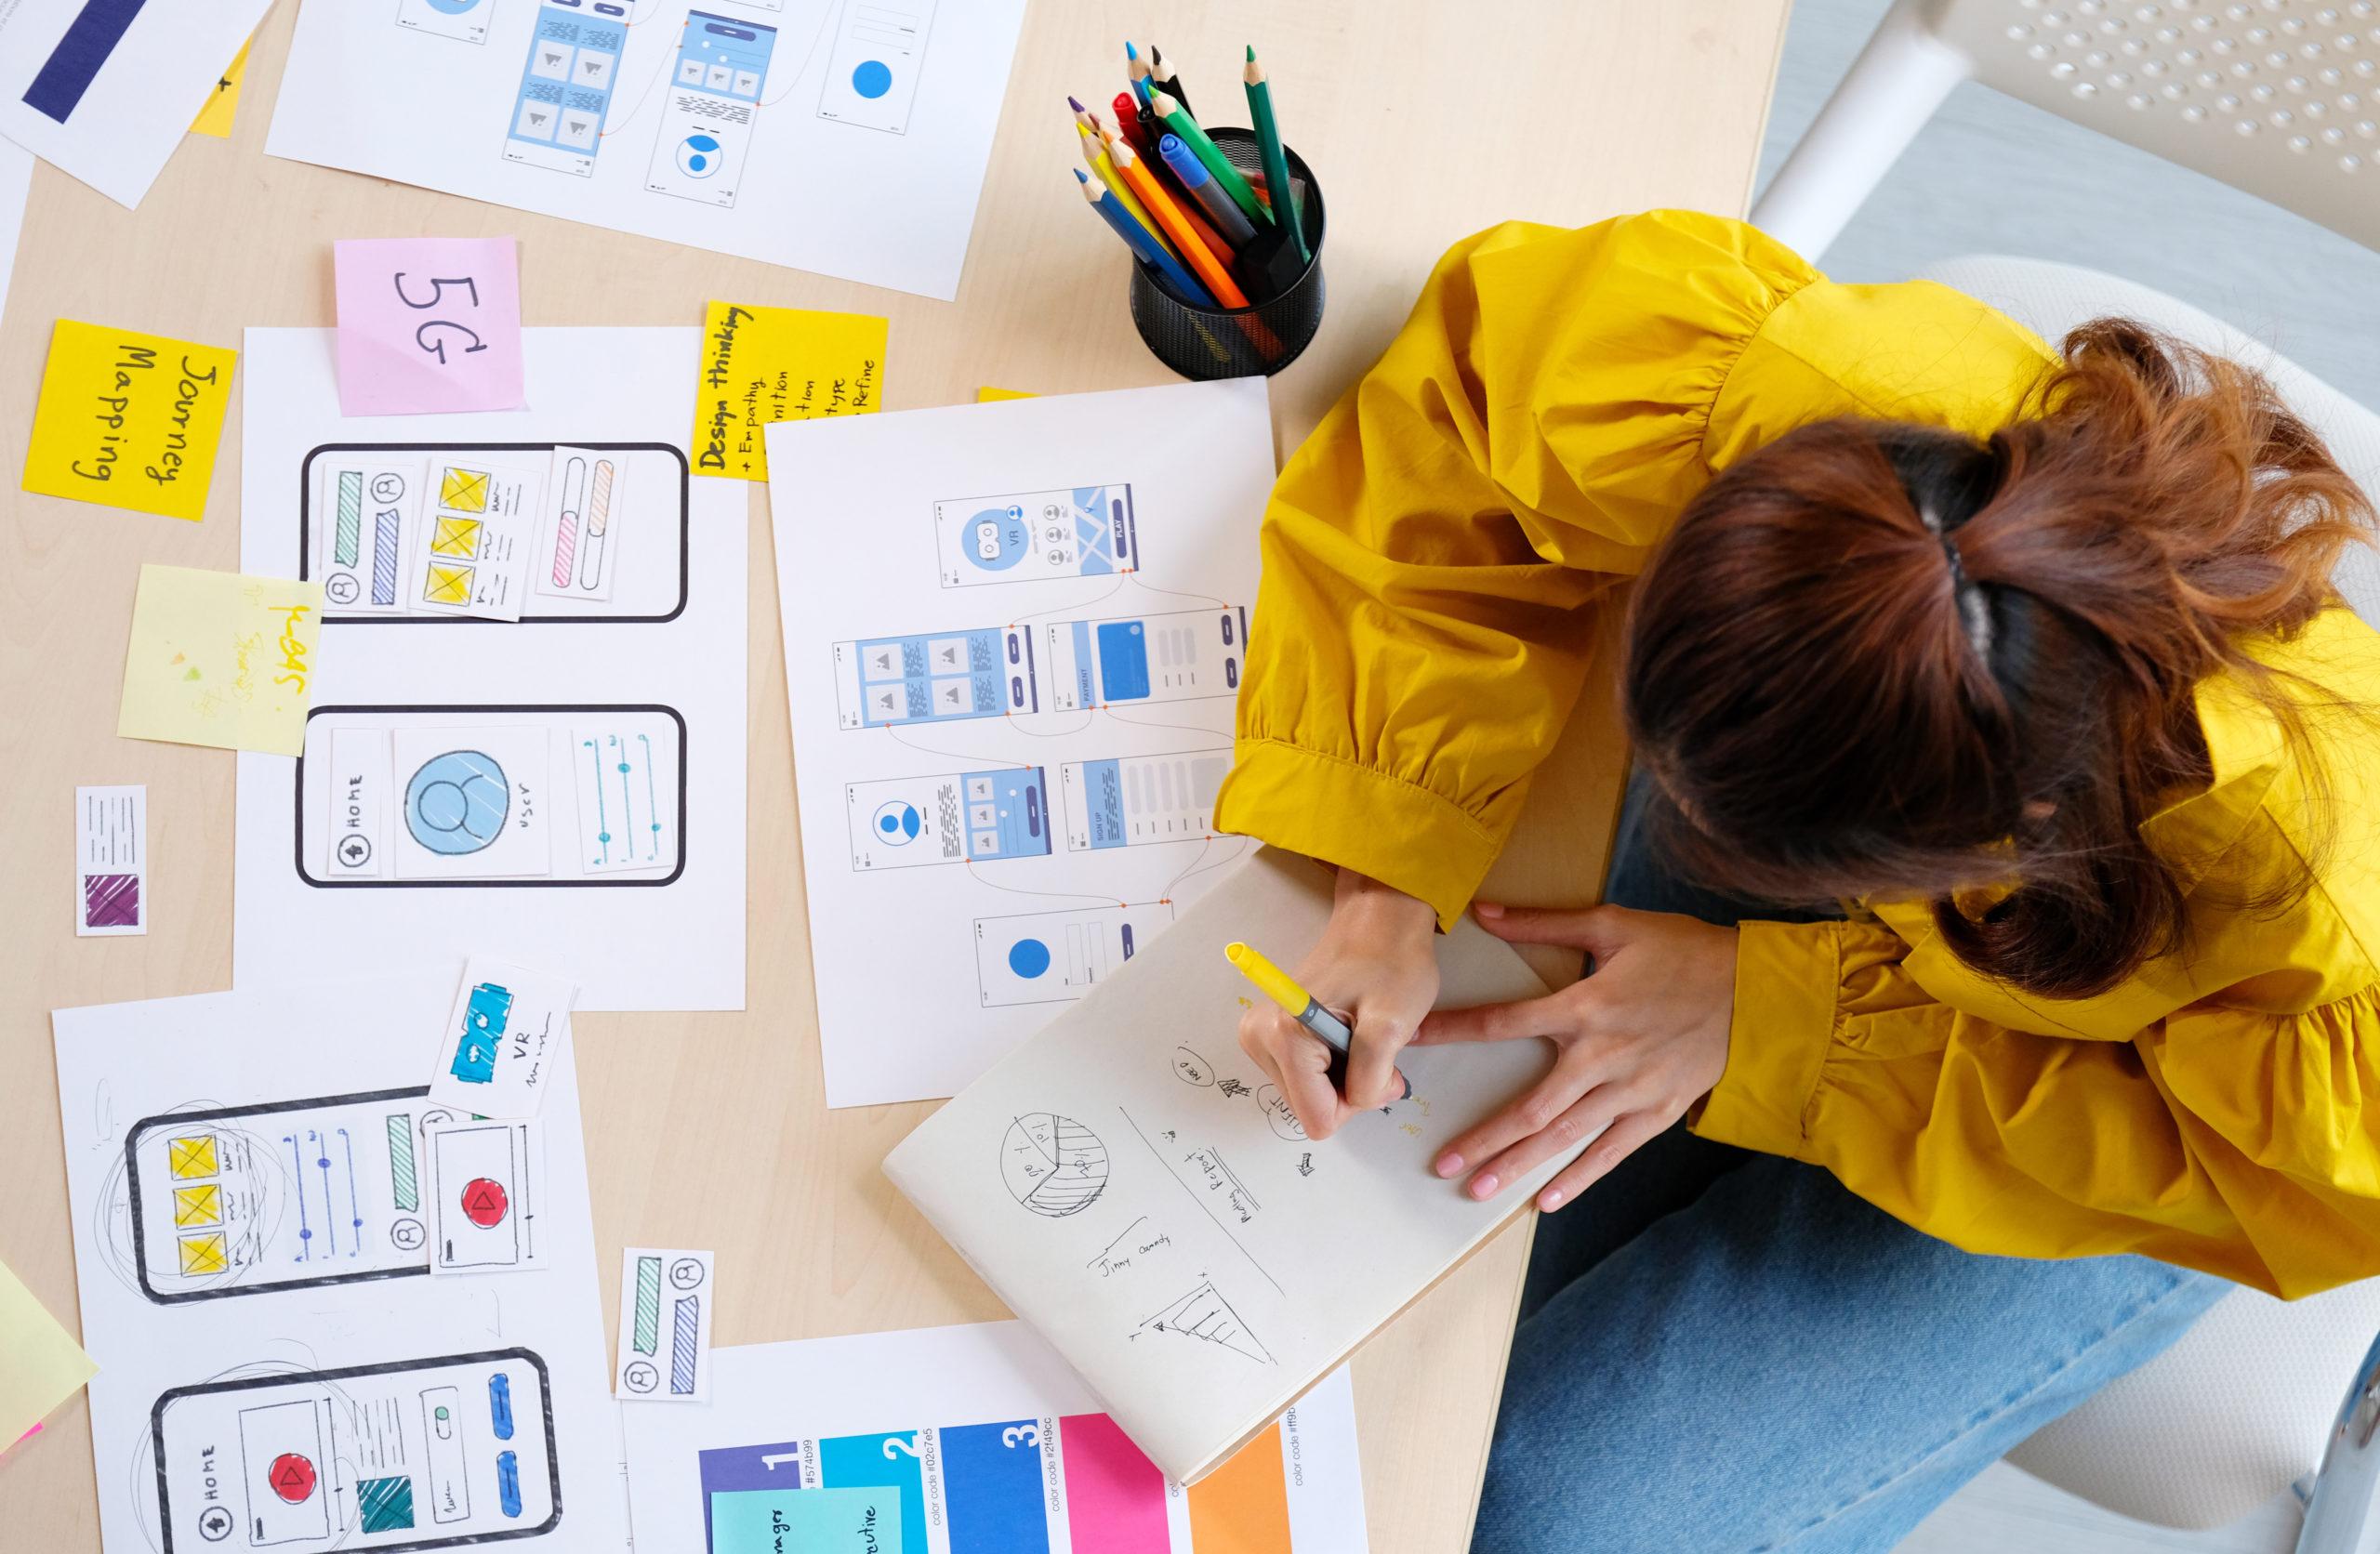 Bases de l'UI Design : les règles fondamentales à connaître